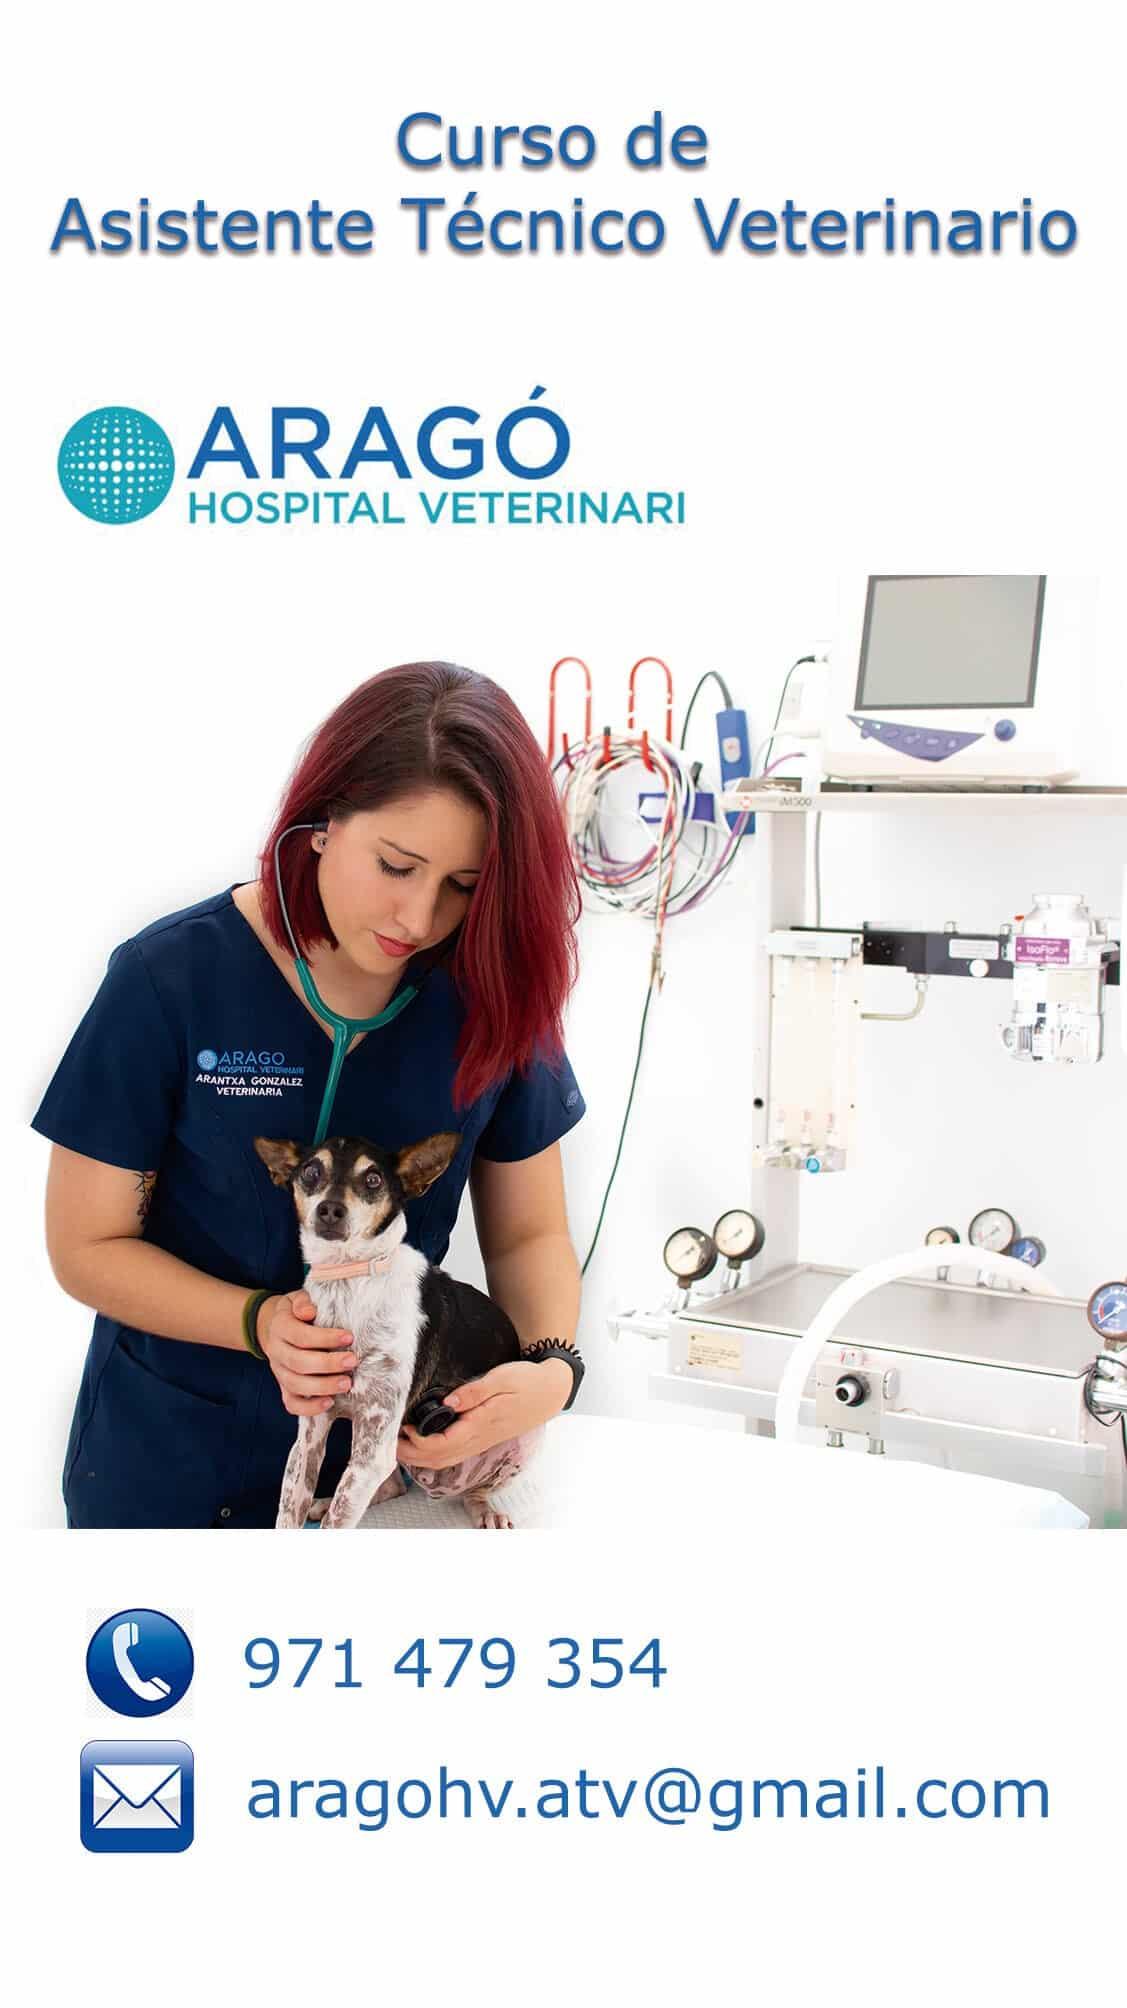 folleto promocional veterinario